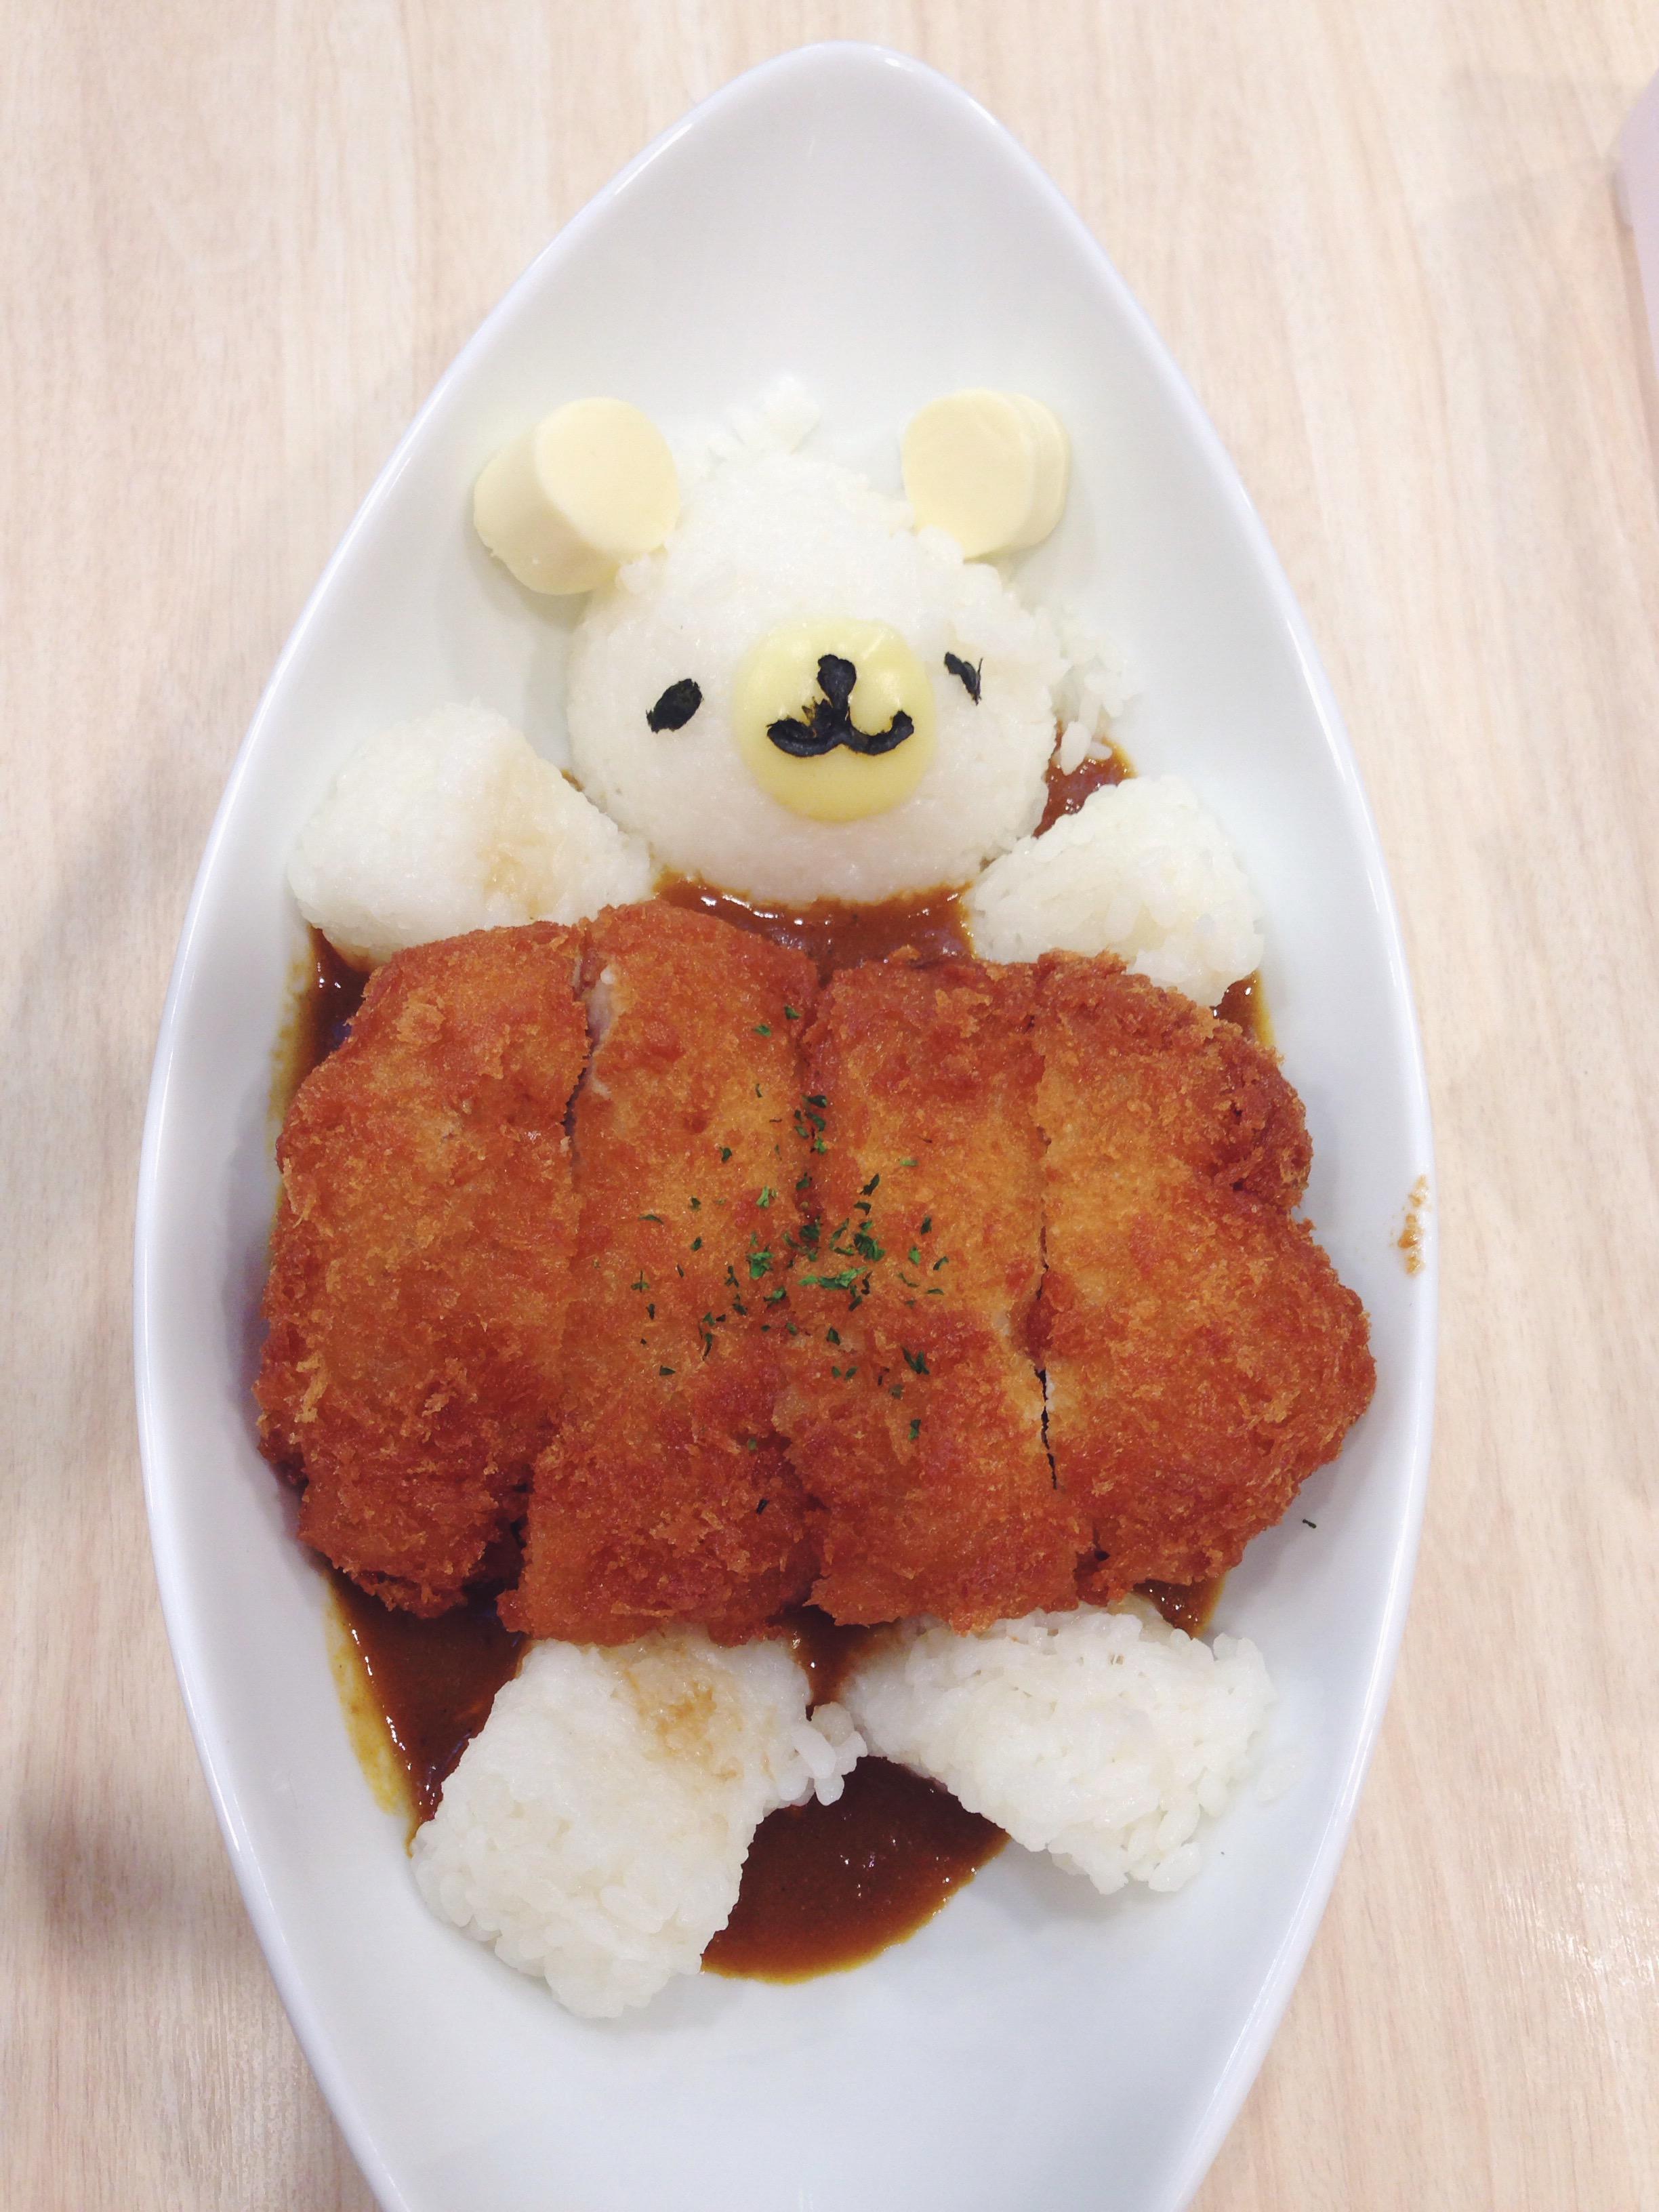 Riso con pollo al curry a forma di orsetto in un maid cafè in Giappone